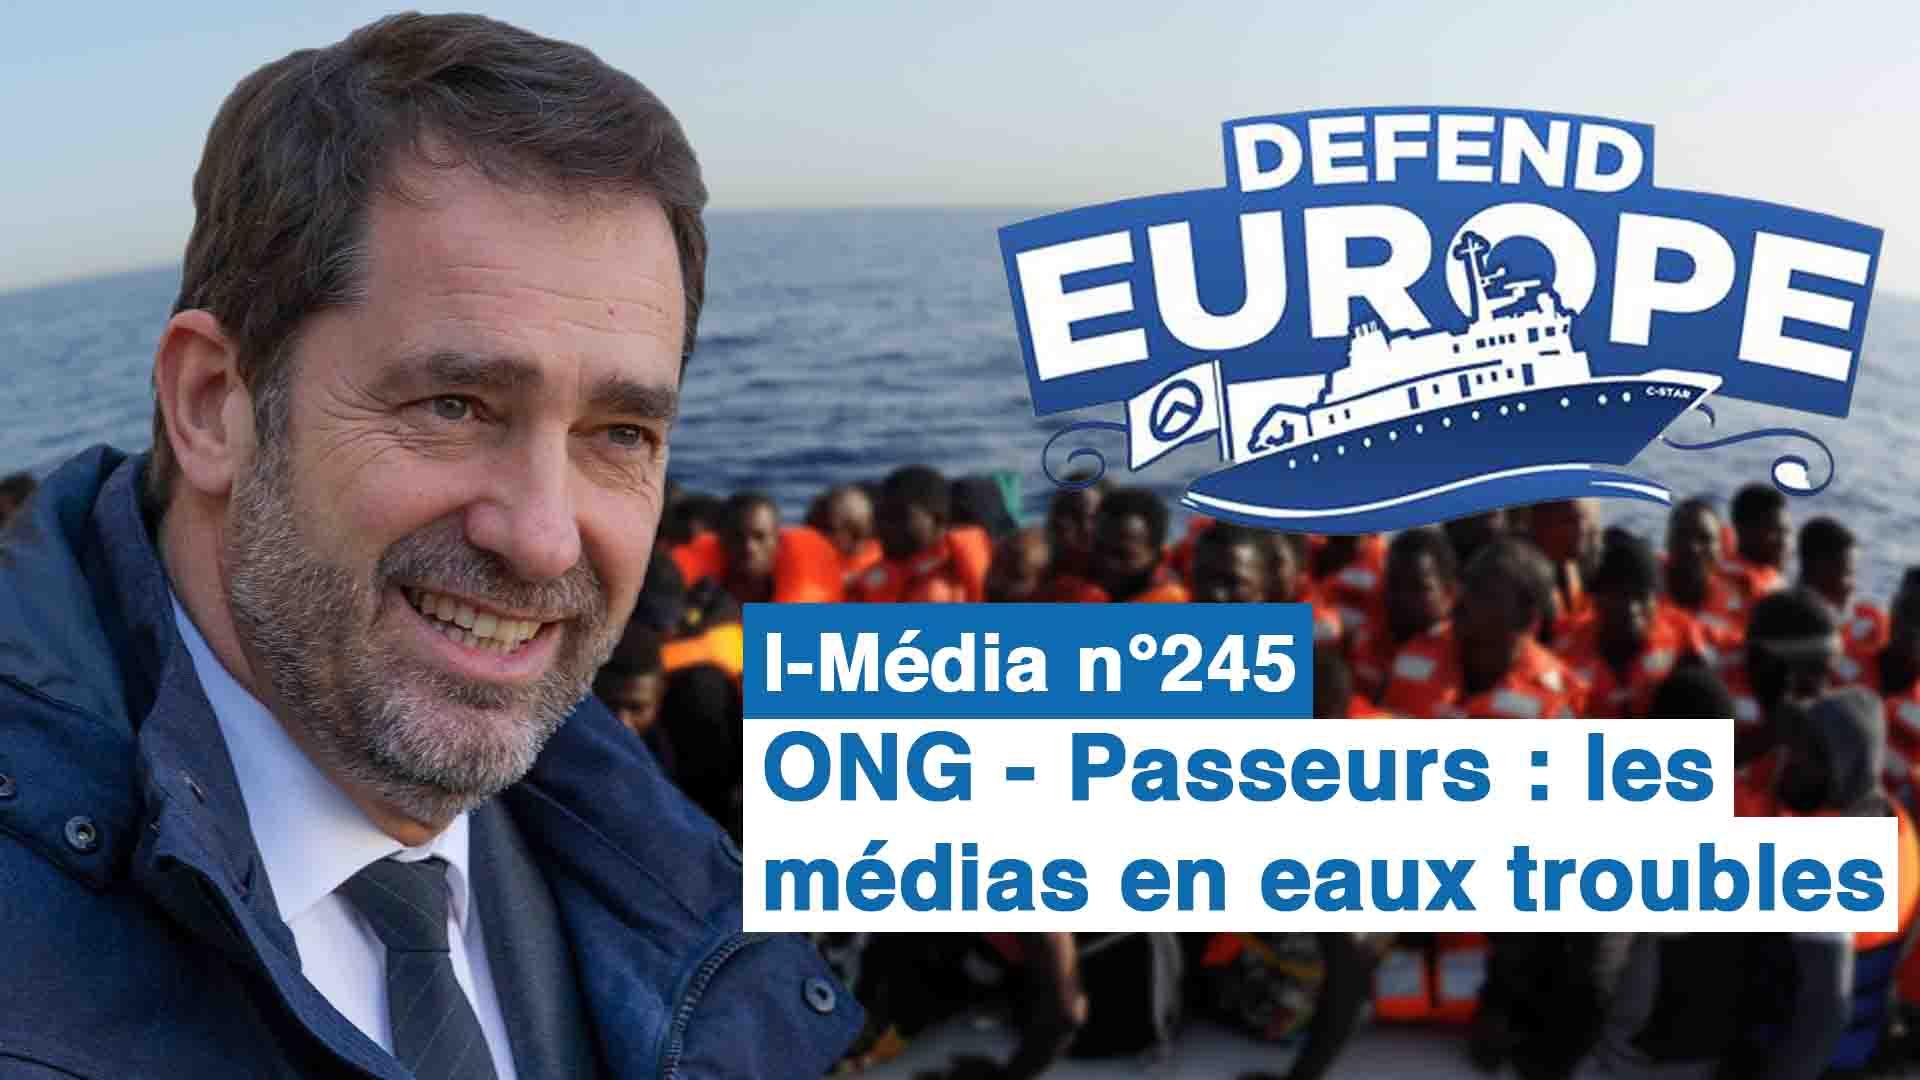 I-Média n°245 – ONG/Passeurs : les médias en eaux troubles